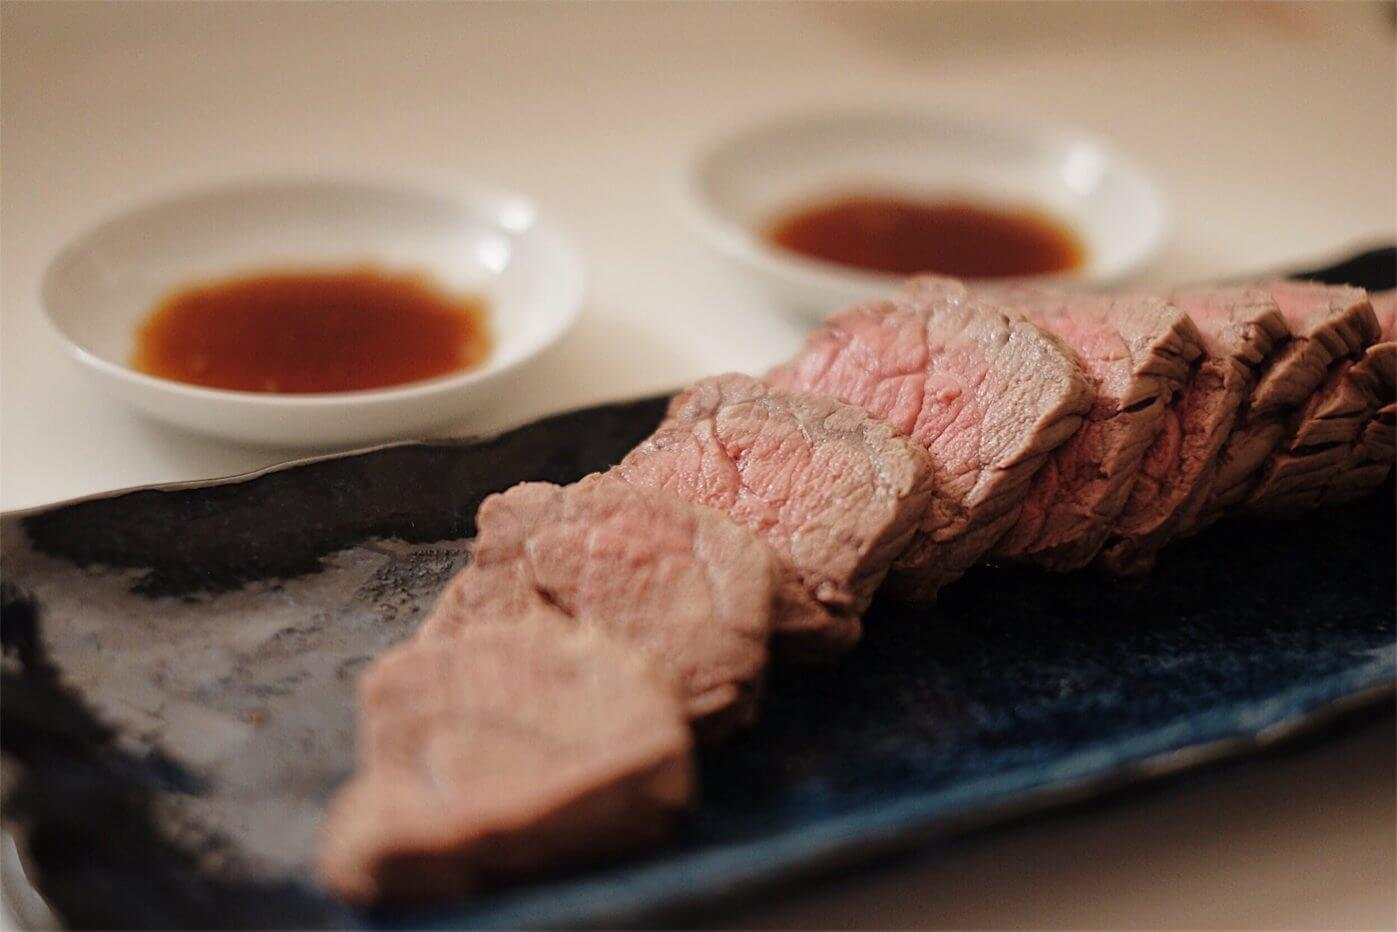 絶対失敗しない電子レンジで調理時間3分でできるローストビーフの簡単レシピ